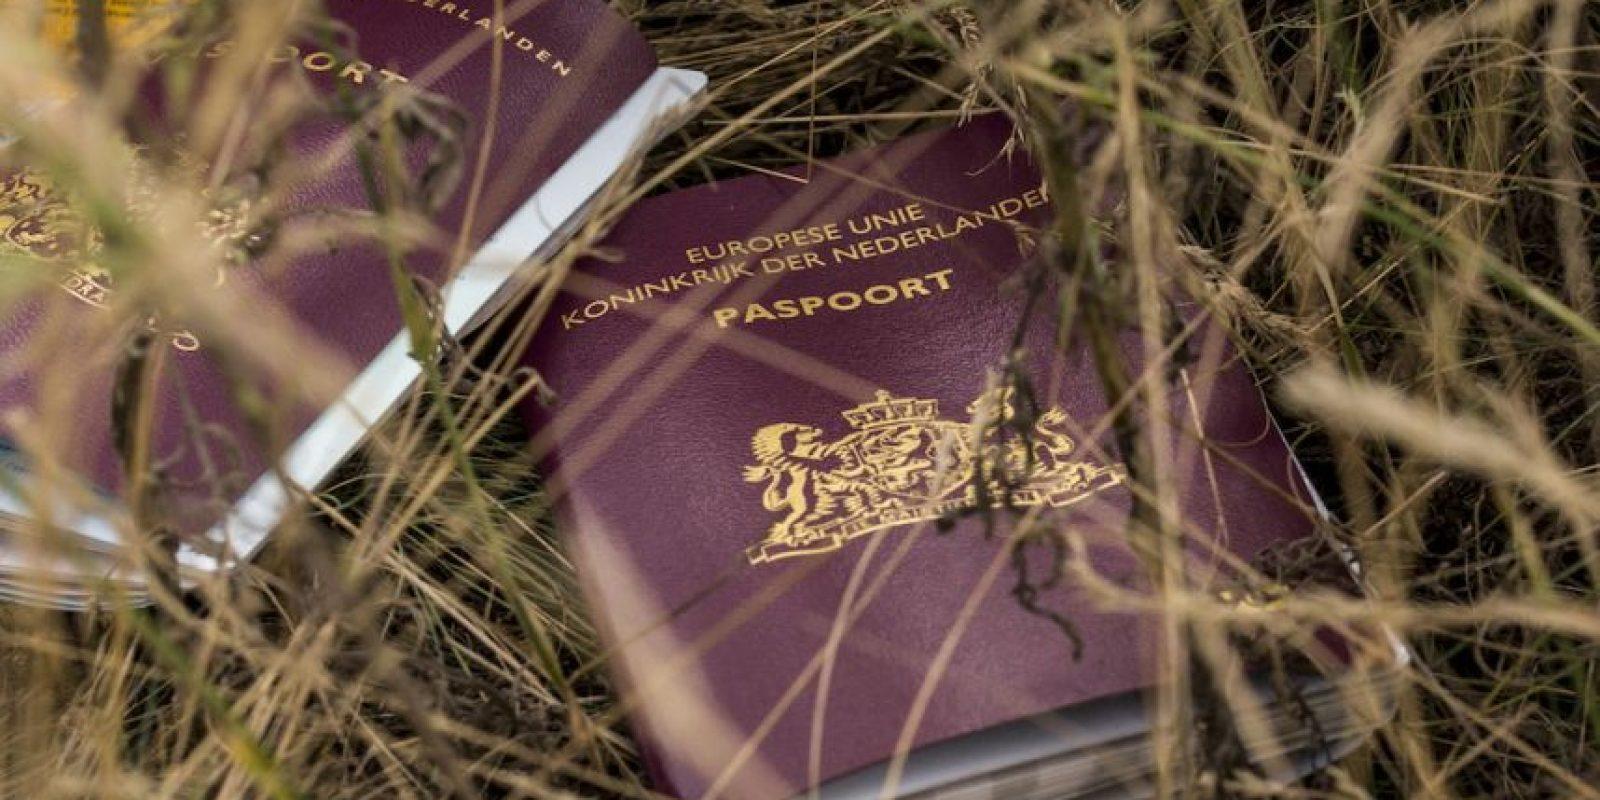 El costo para producir un pasaporte británico es de 12.25 libras (algo así como 18 dólares con 76 centavos) Foto:Getty Images